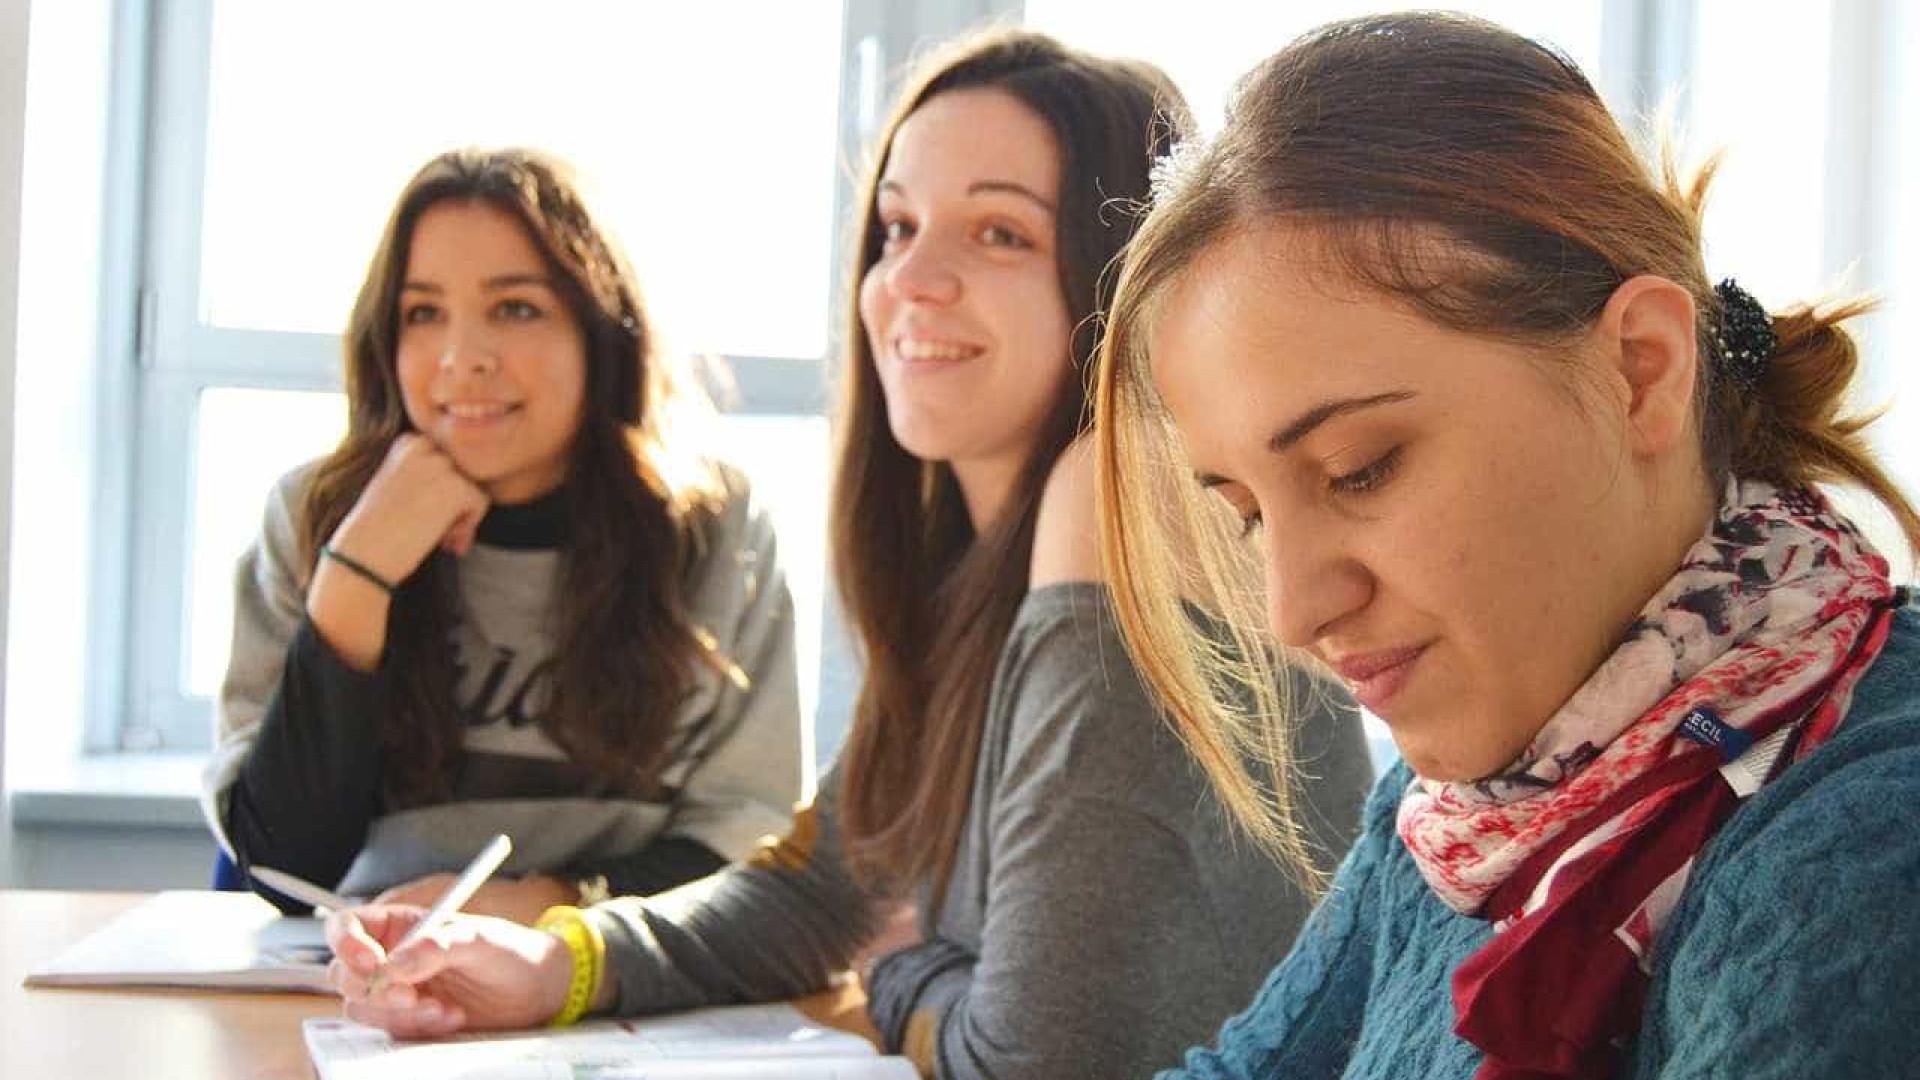 Brasil é 'campeão' em número de jovens que não estudam